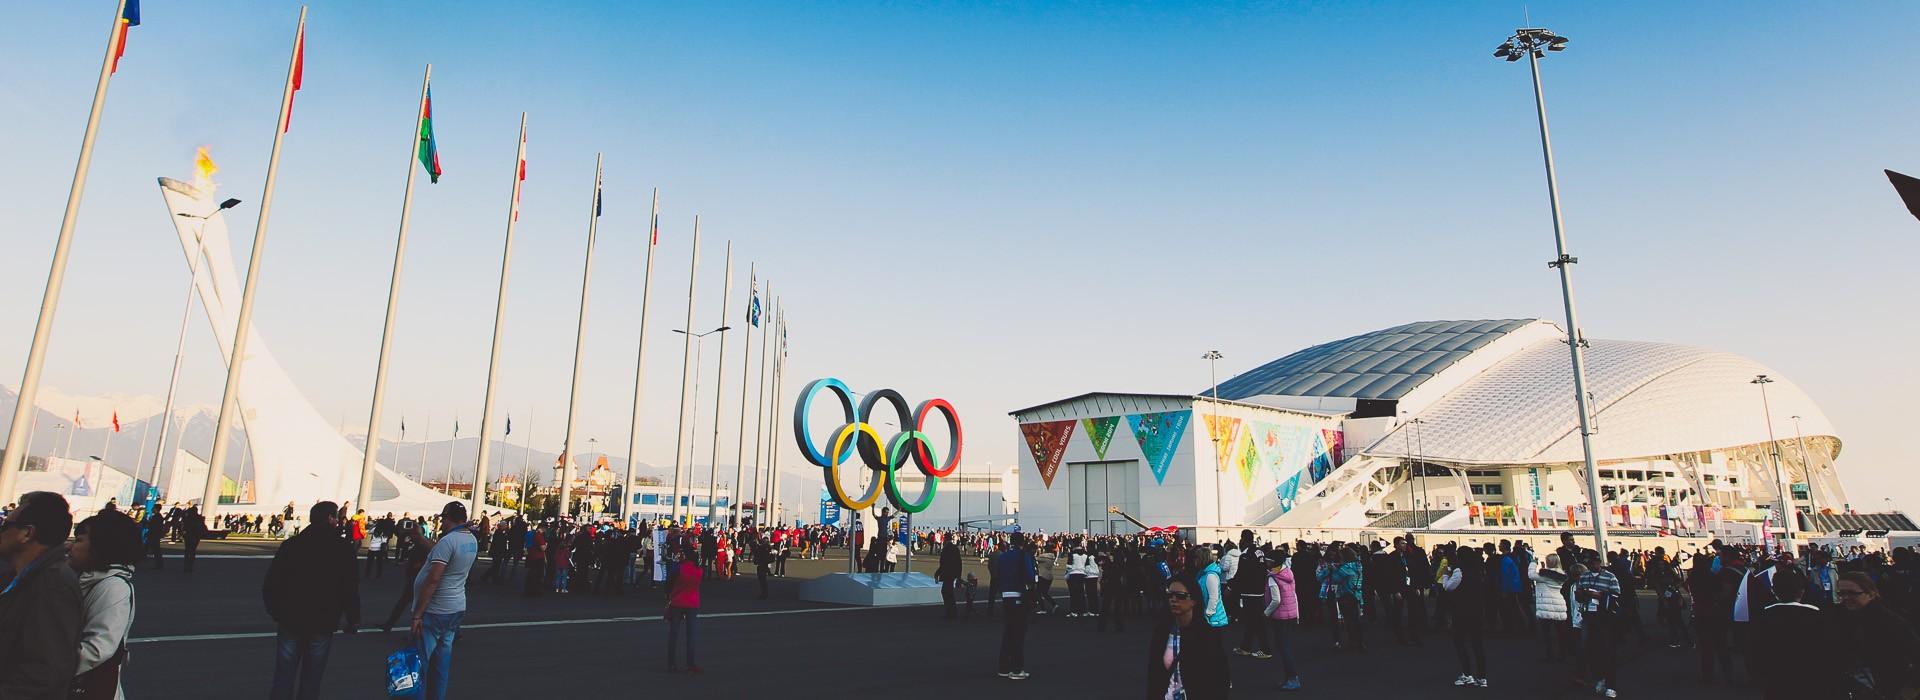 Zimske olimpijske igre - Soči 2014.